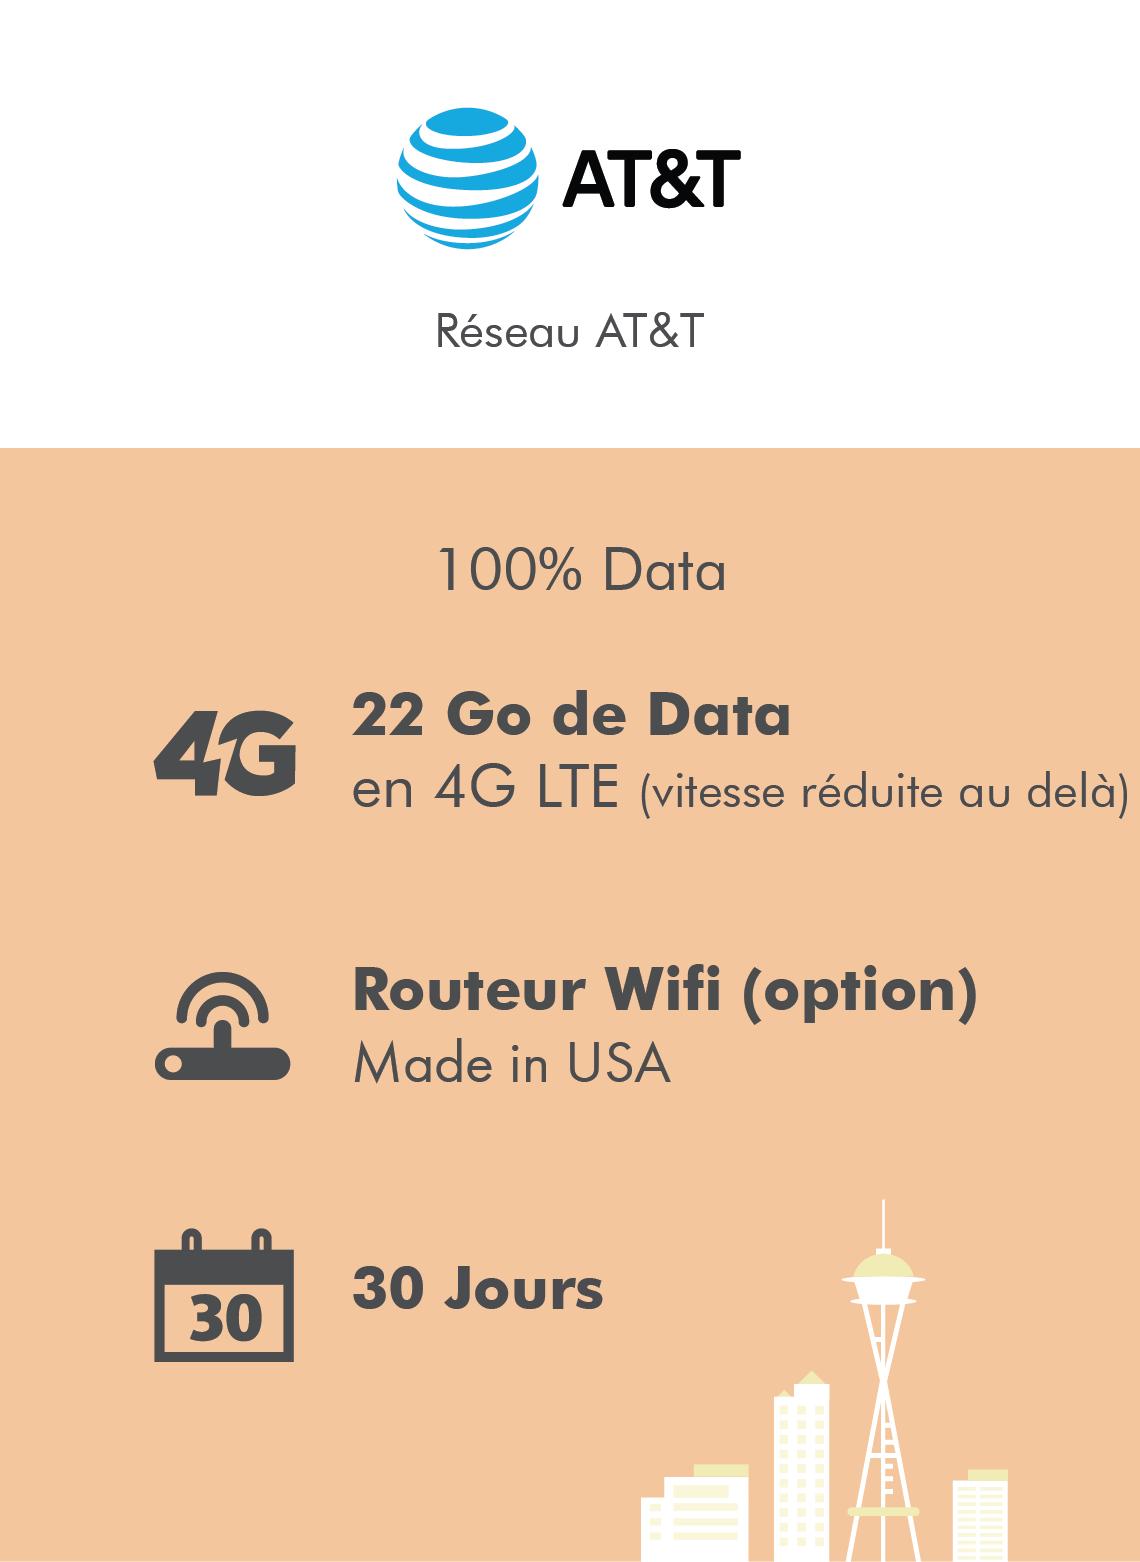 AT&T 100% Data